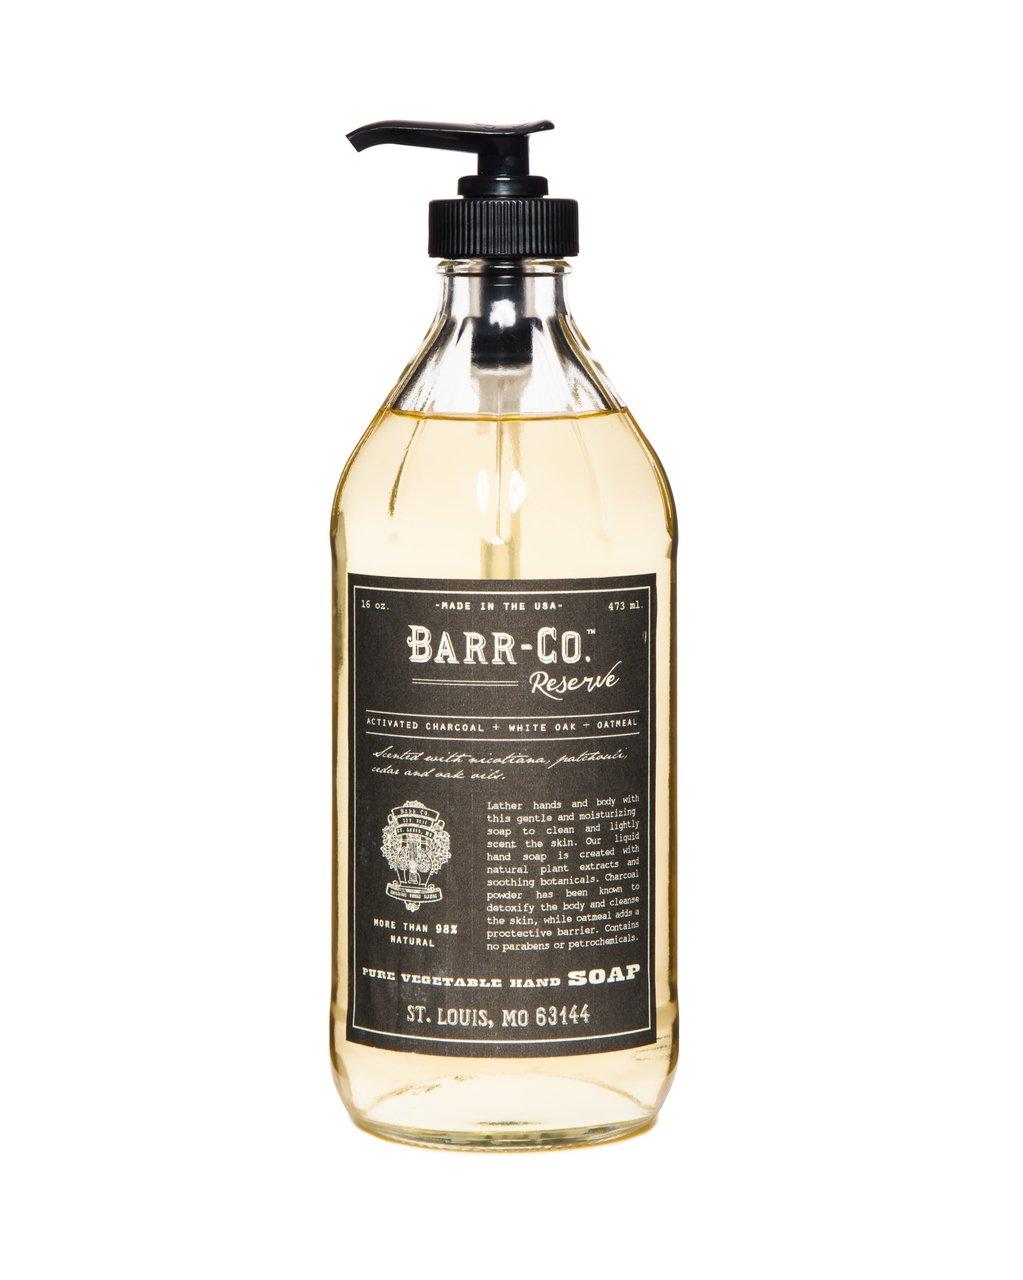 Barr-Co Reserve Liquid Hand Soap 16oz